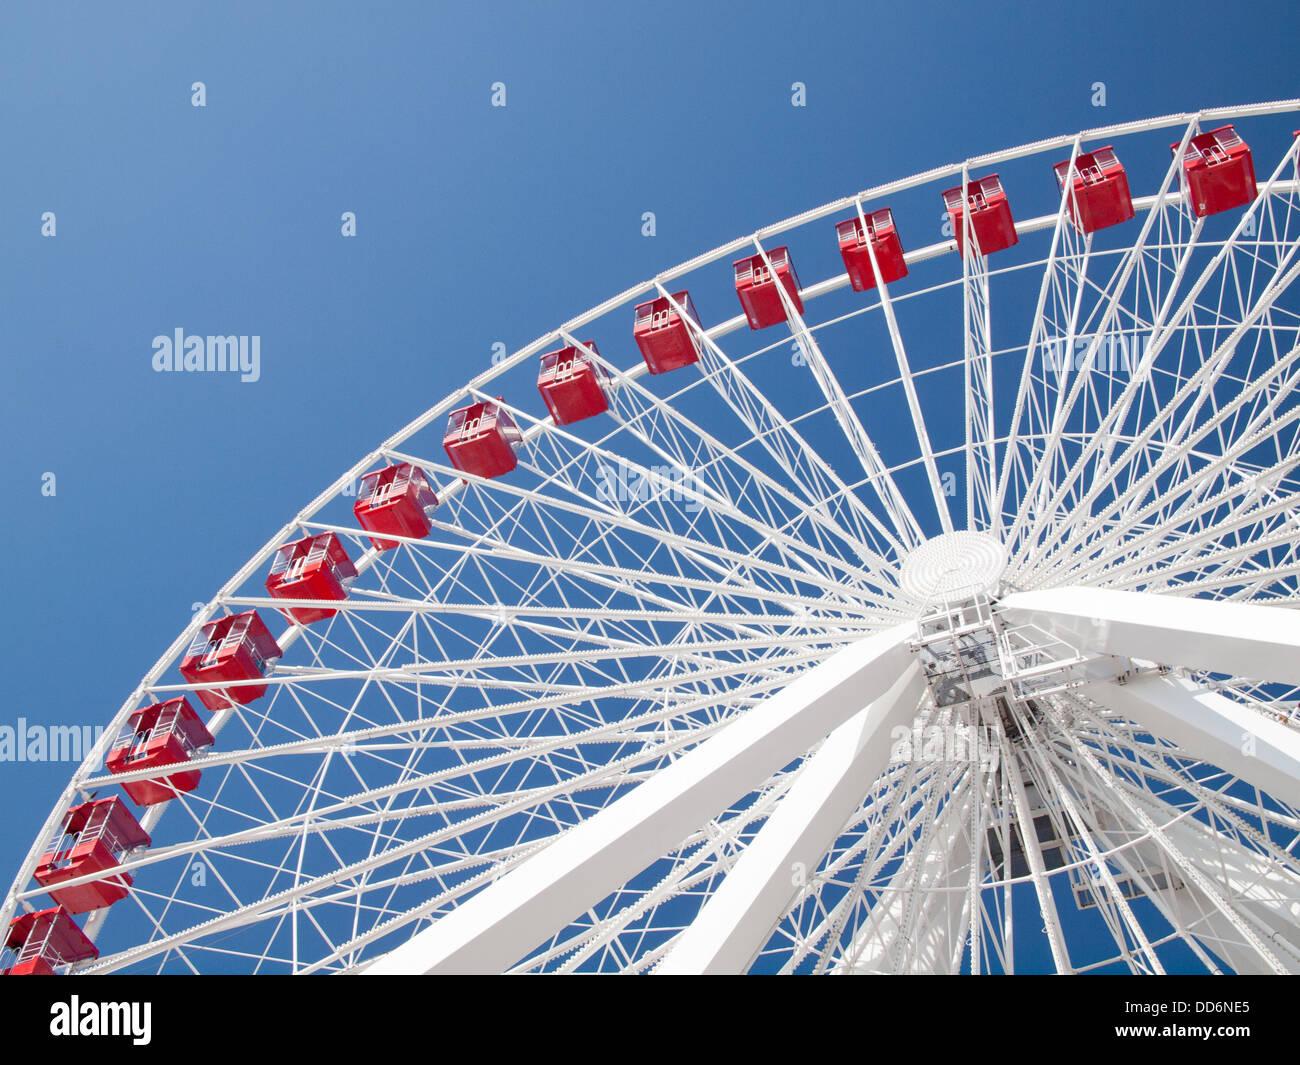 La fantastica ruota panoramica Ferris a Navy Pier di Chicago, Illinois. Immagini Stock